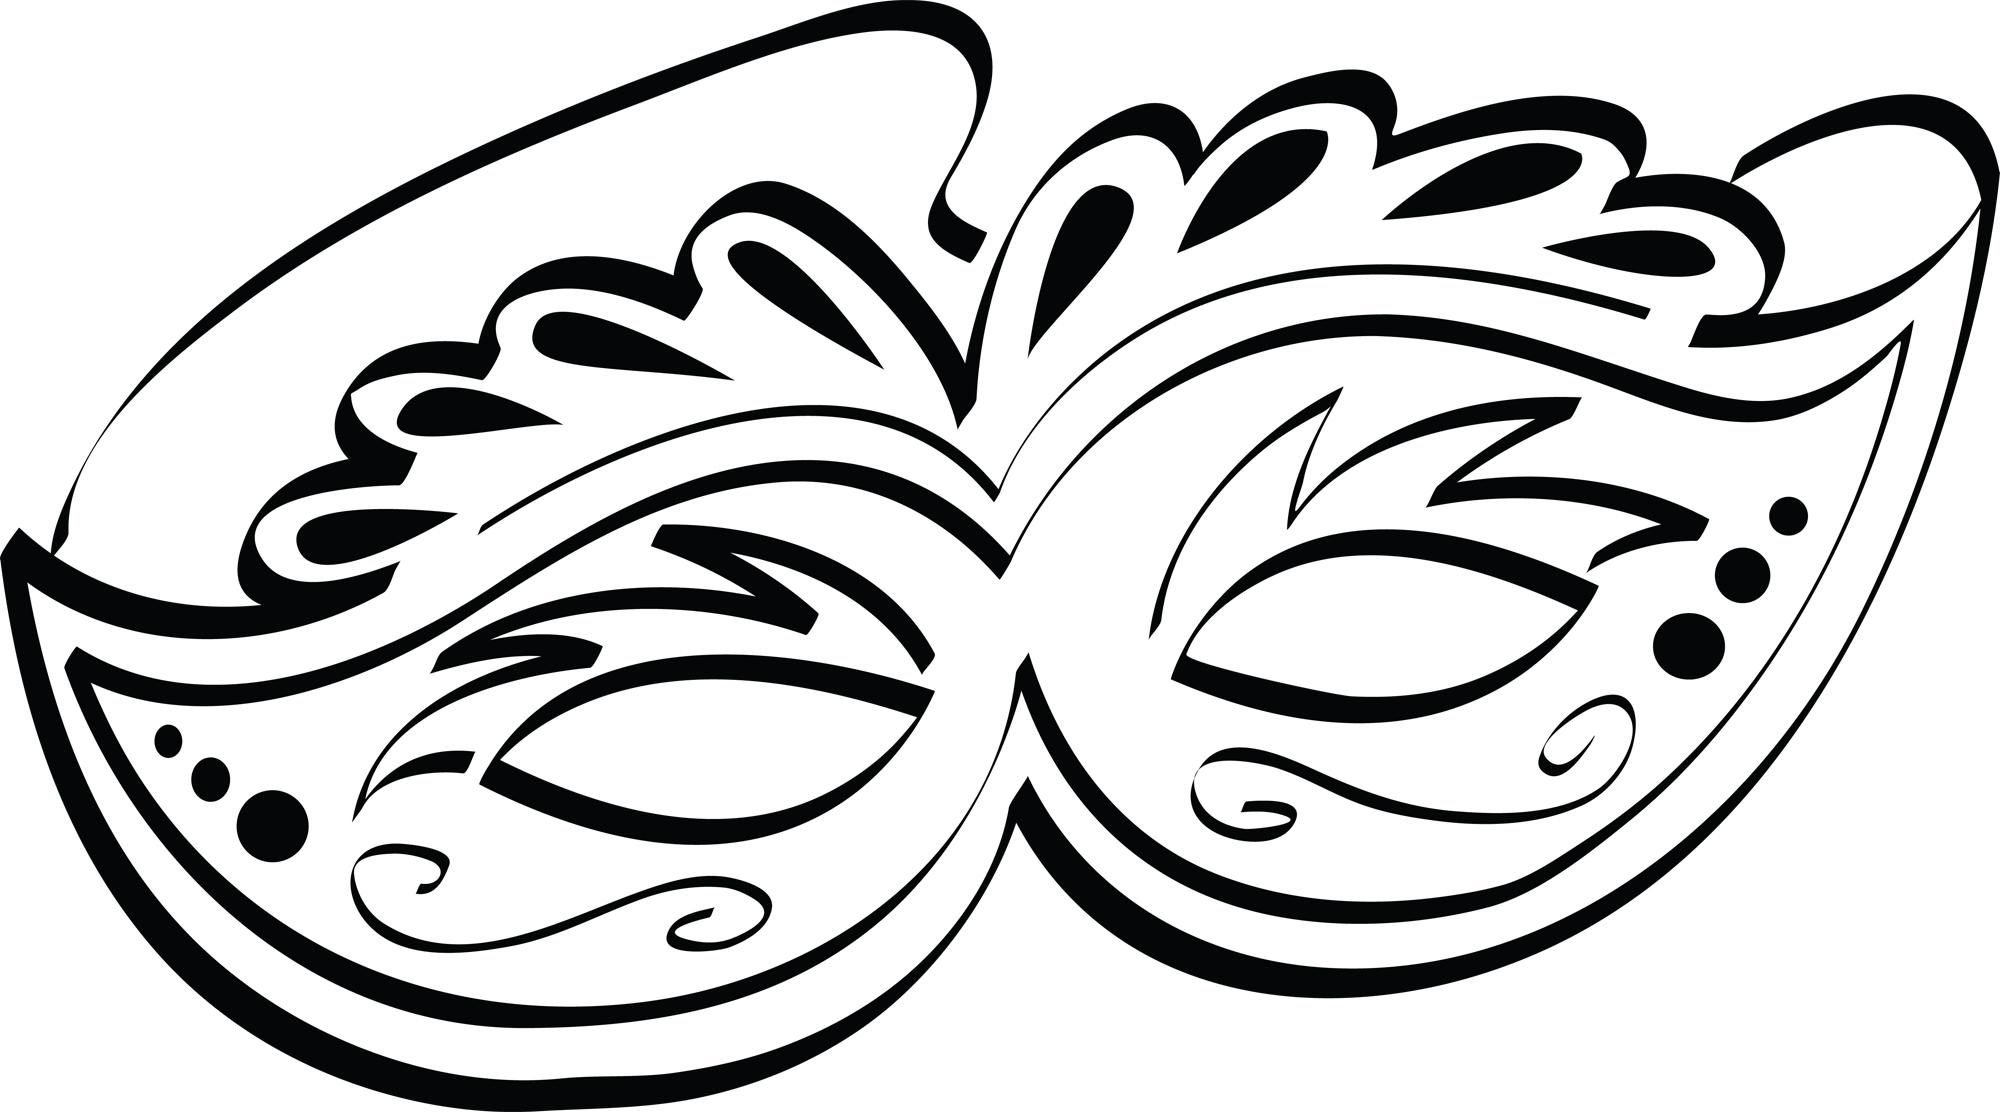 Clip Art Mardi Gras Mask Clipart mardi gras mask clipart kid carnival koozies